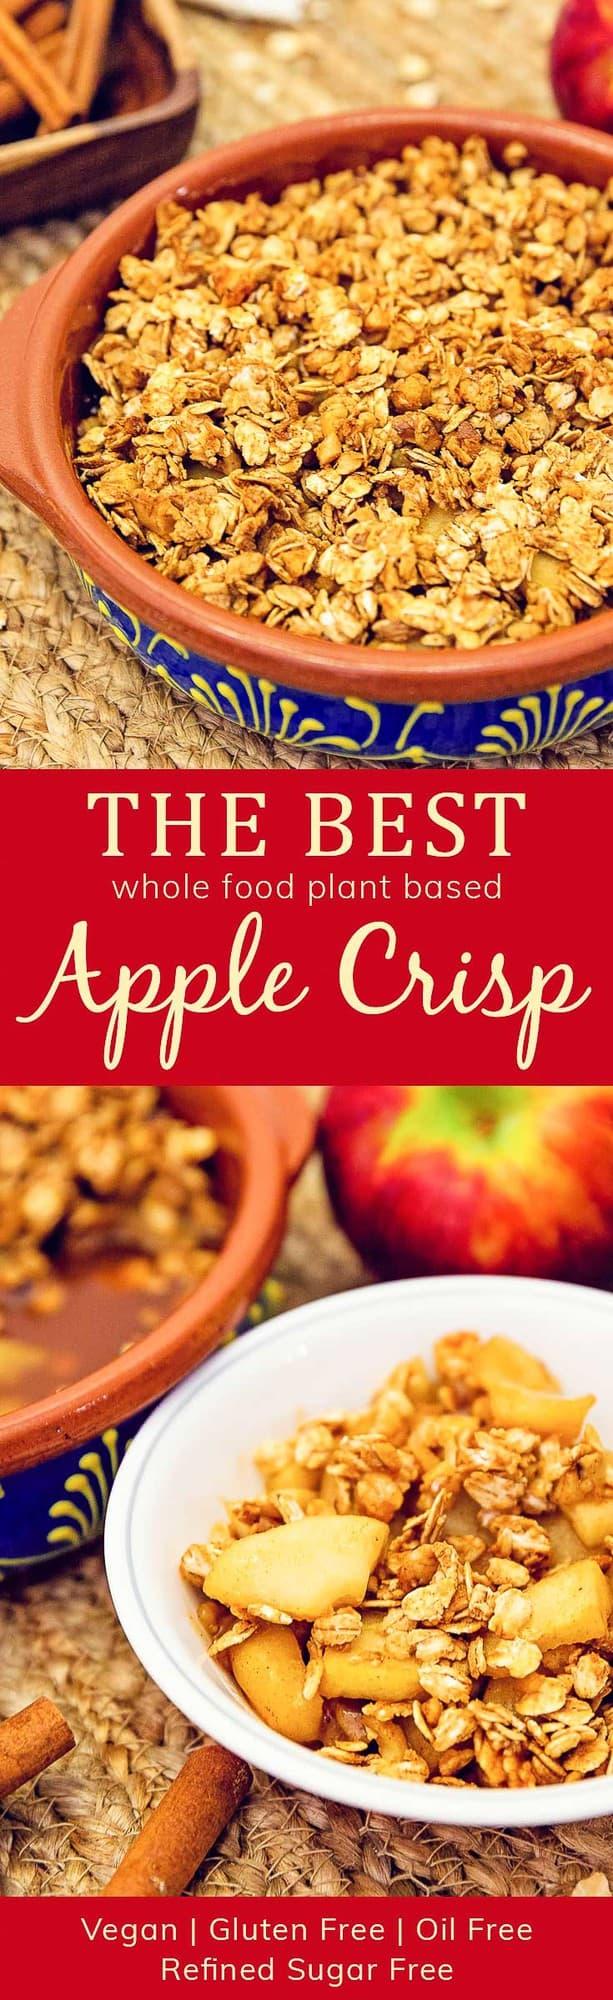 Best, Apple Crisp, Apples, Crisp, whole food plant based, plant based, cinnamon, healthy, dessert